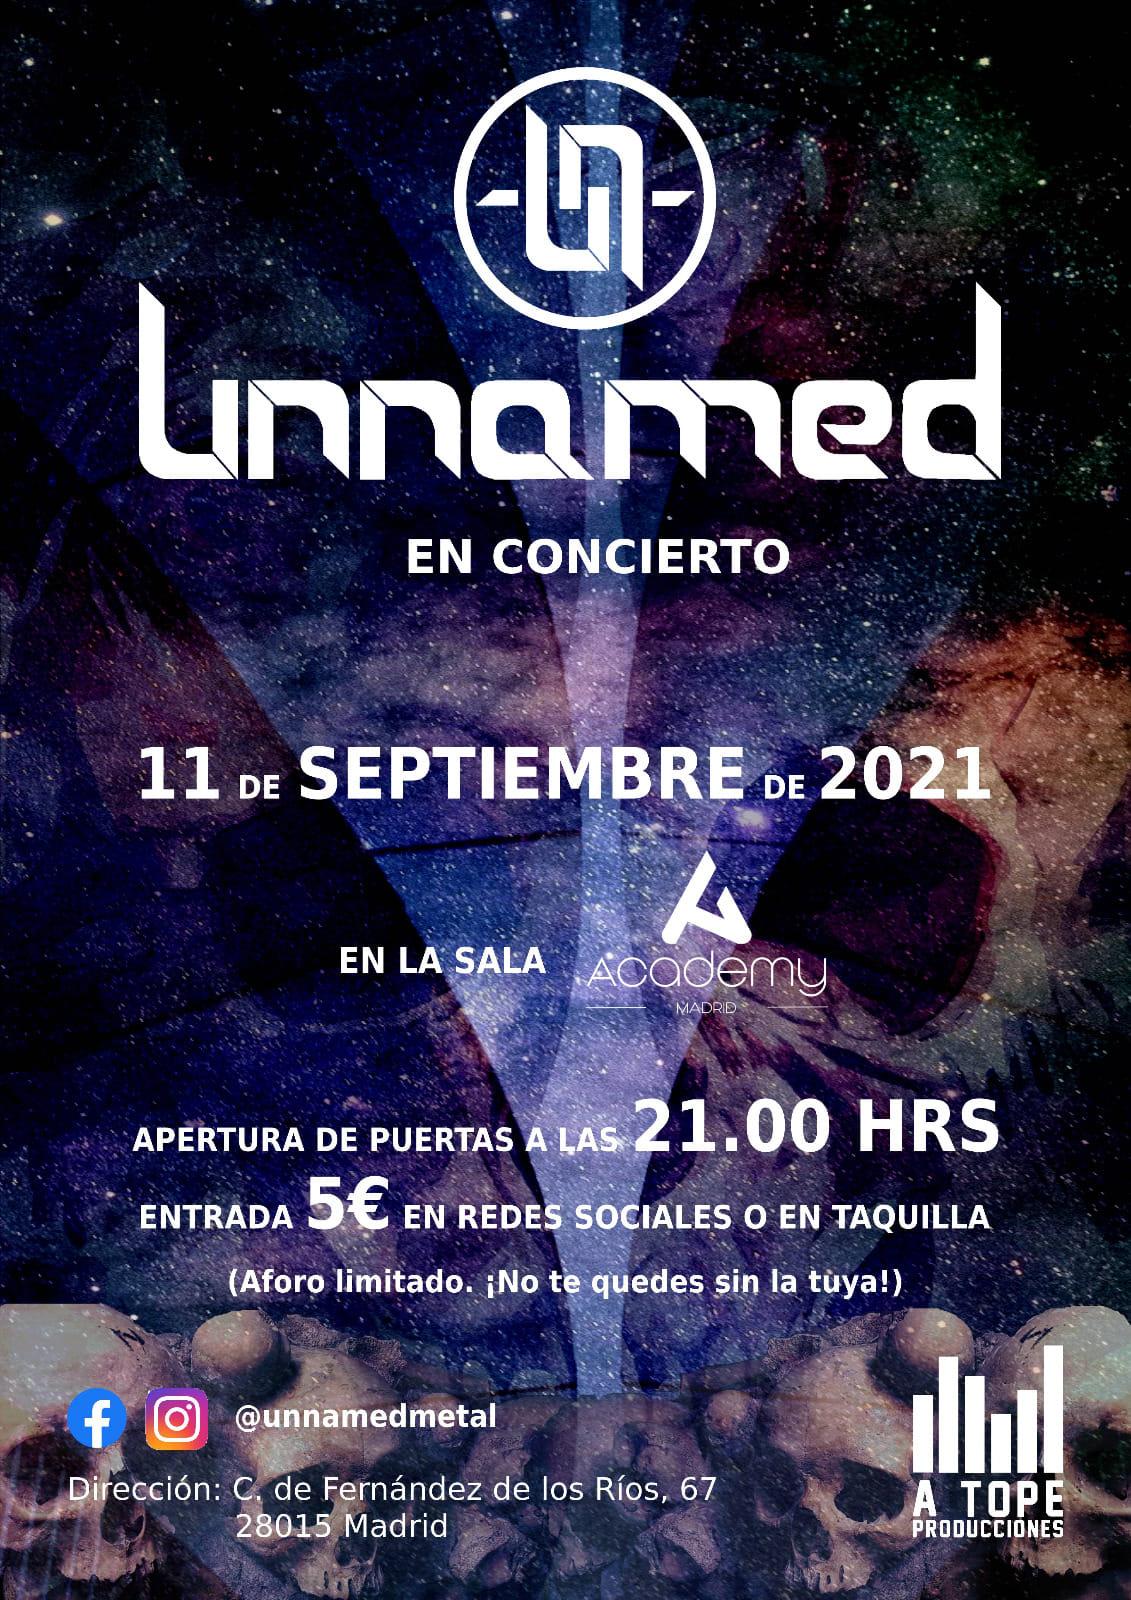 Unnamed concierto en Madrid